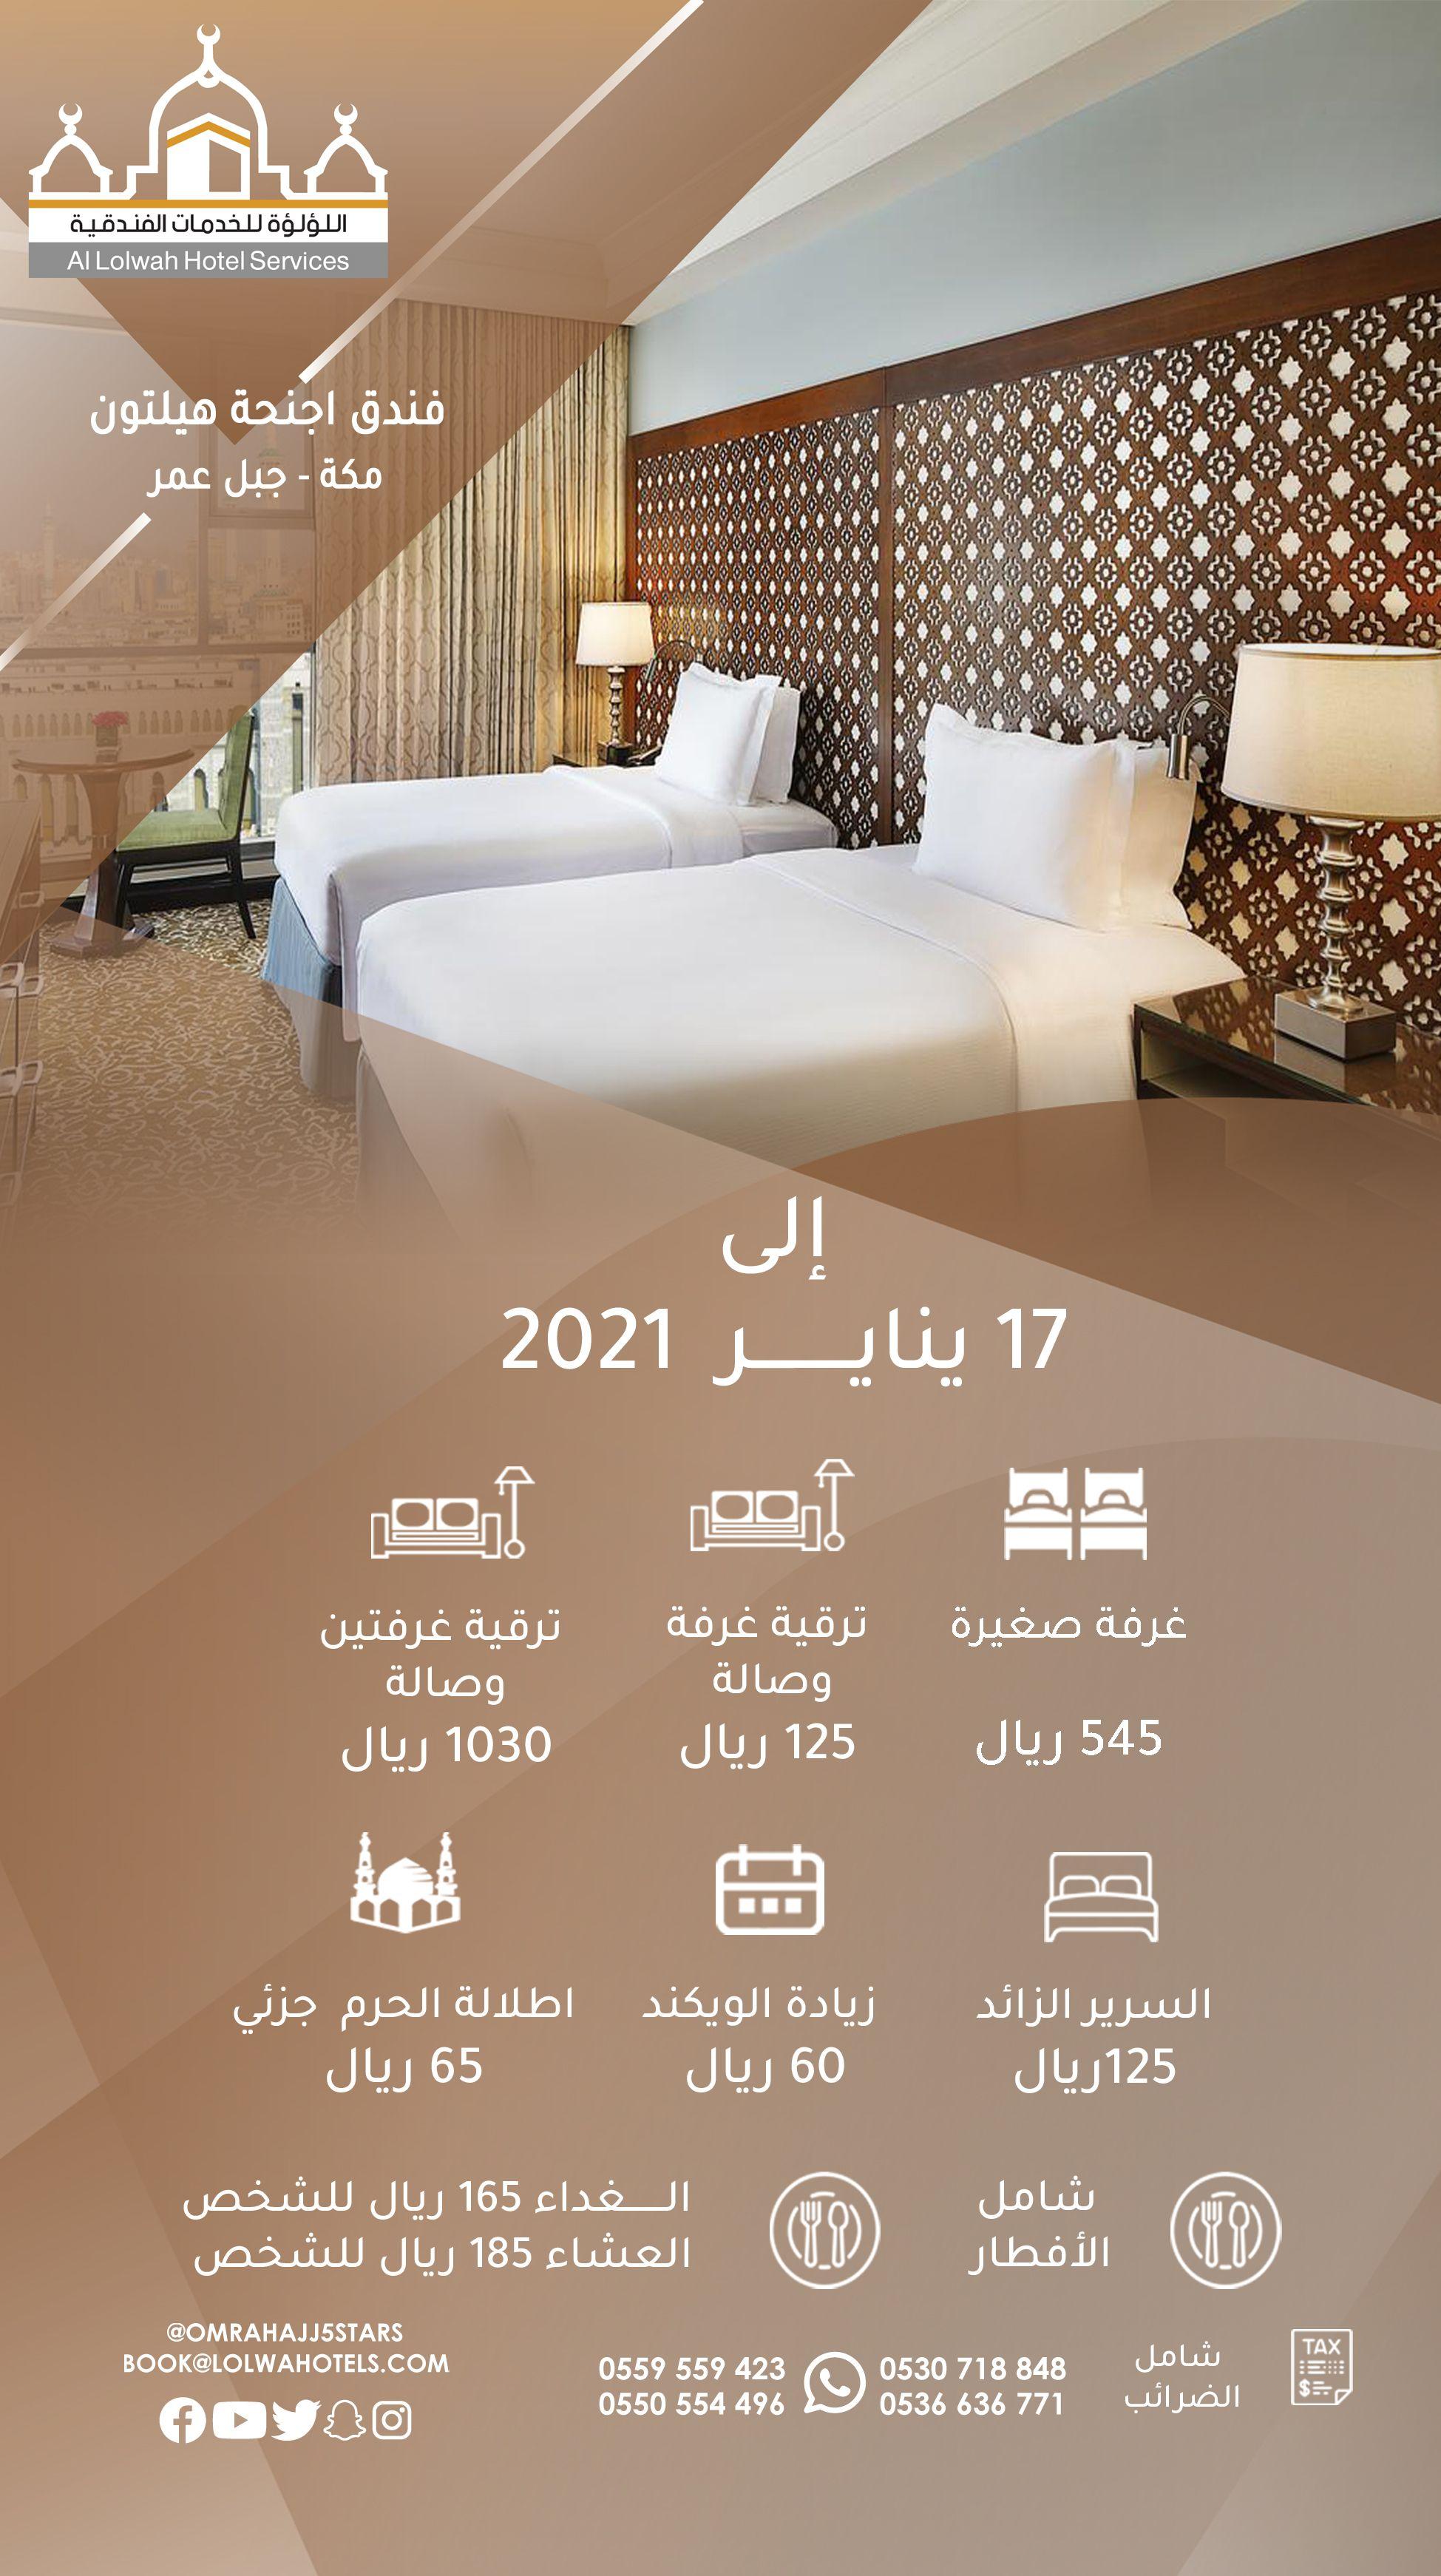 غرفة شخصين 545 ريال شامل وجبة الإفطار في فندق اجنحة هيلتون مكة الموقع جبل عمر In 2021 Home Decor Furniture Outdoor Furniture